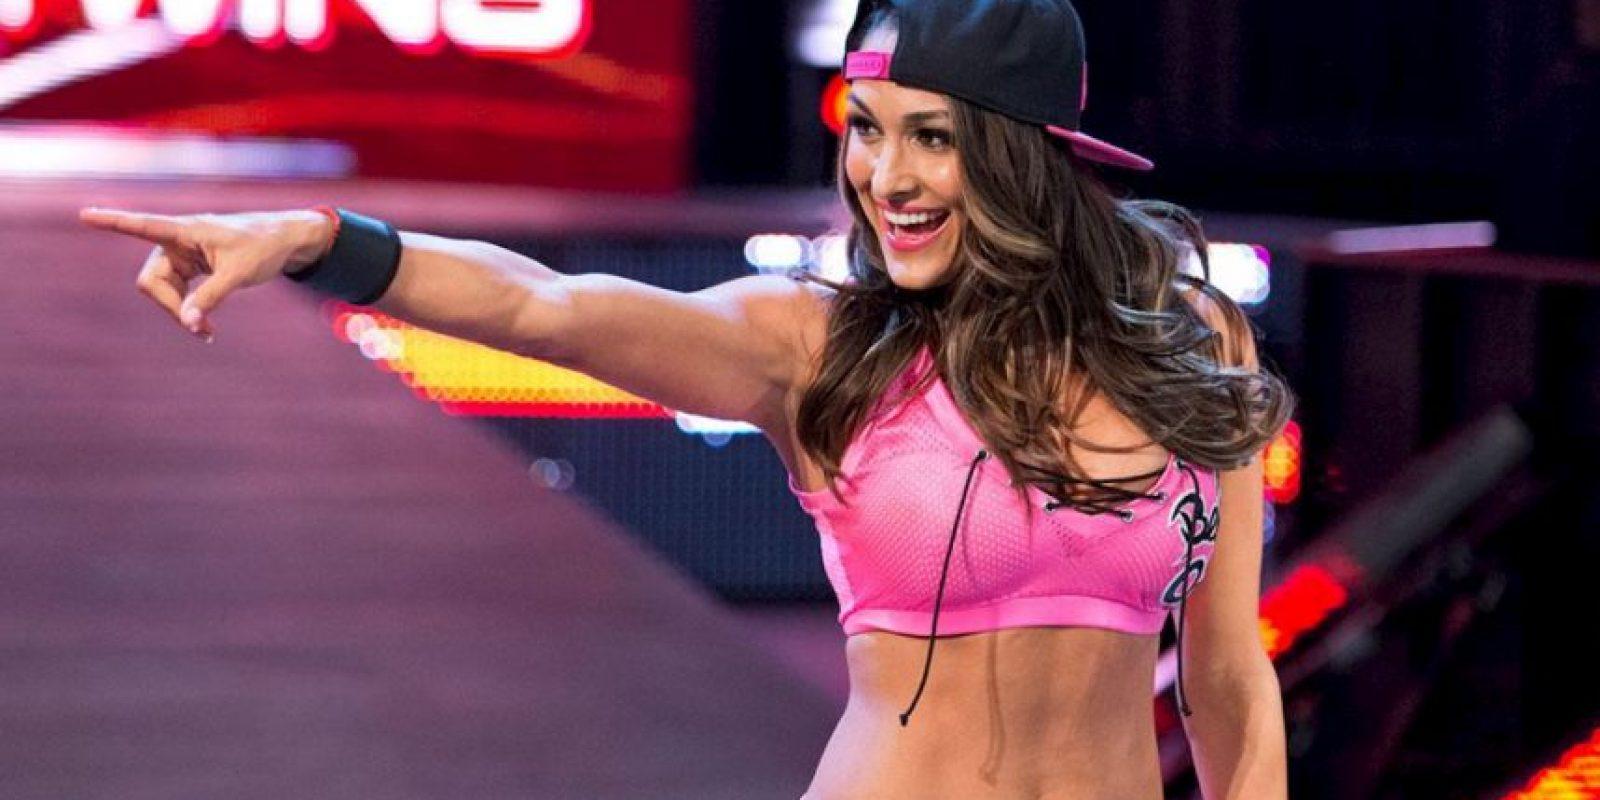 Además, en redes sociales es una sensación pues más de 2.6 millones de seguidores en Instagram, agradecen las fotos que siempre comparte. Foto:WWE